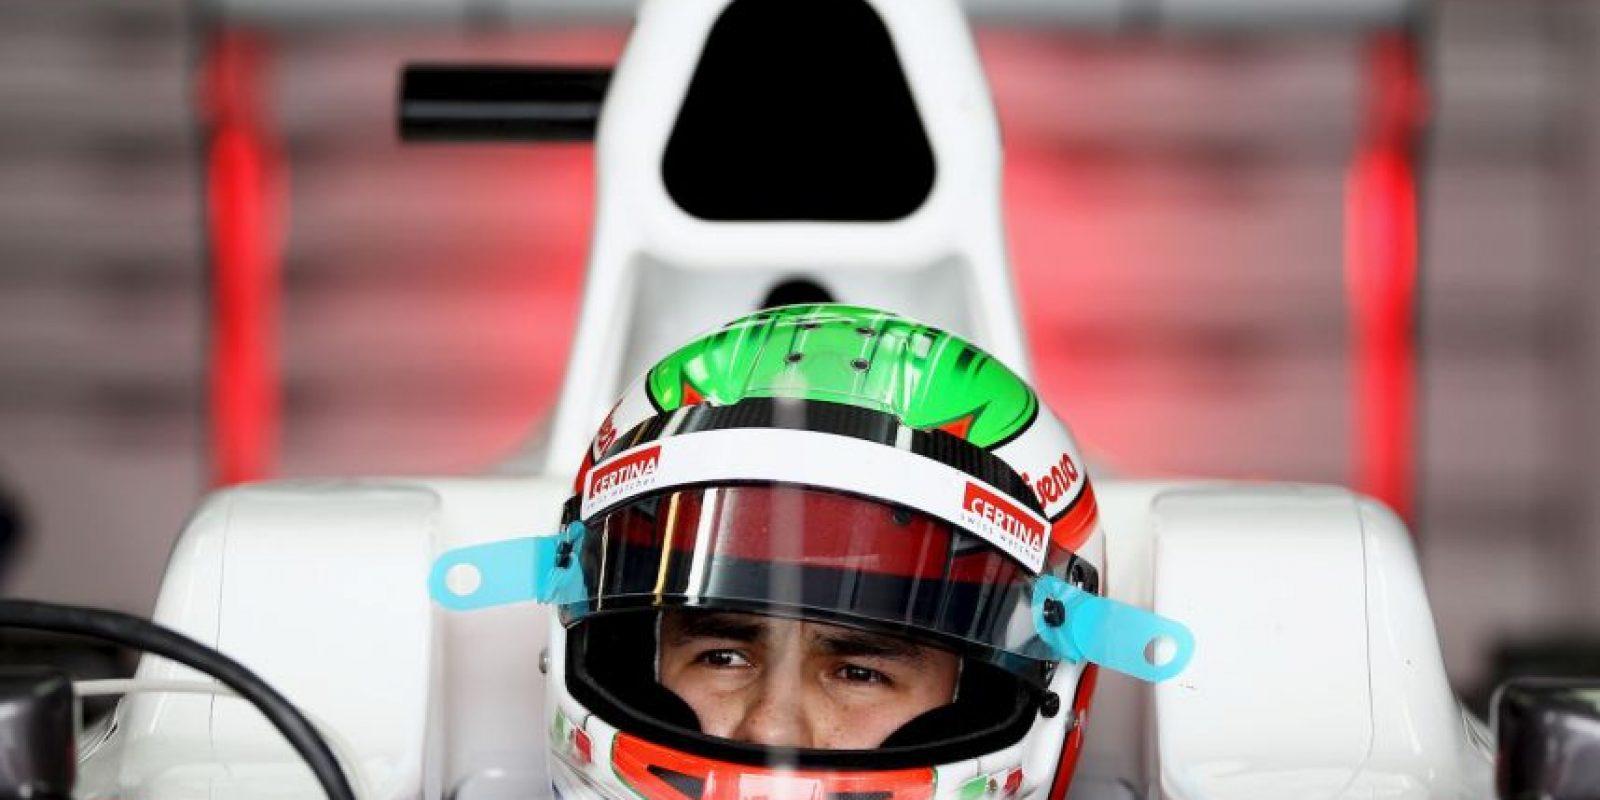 En 2011, el piloto mexicano Sergio Pérez, entonces integrante de Sauber, sufrió un terrible choque durante el Gran Premio de Mónaco. Foto:Getty Images